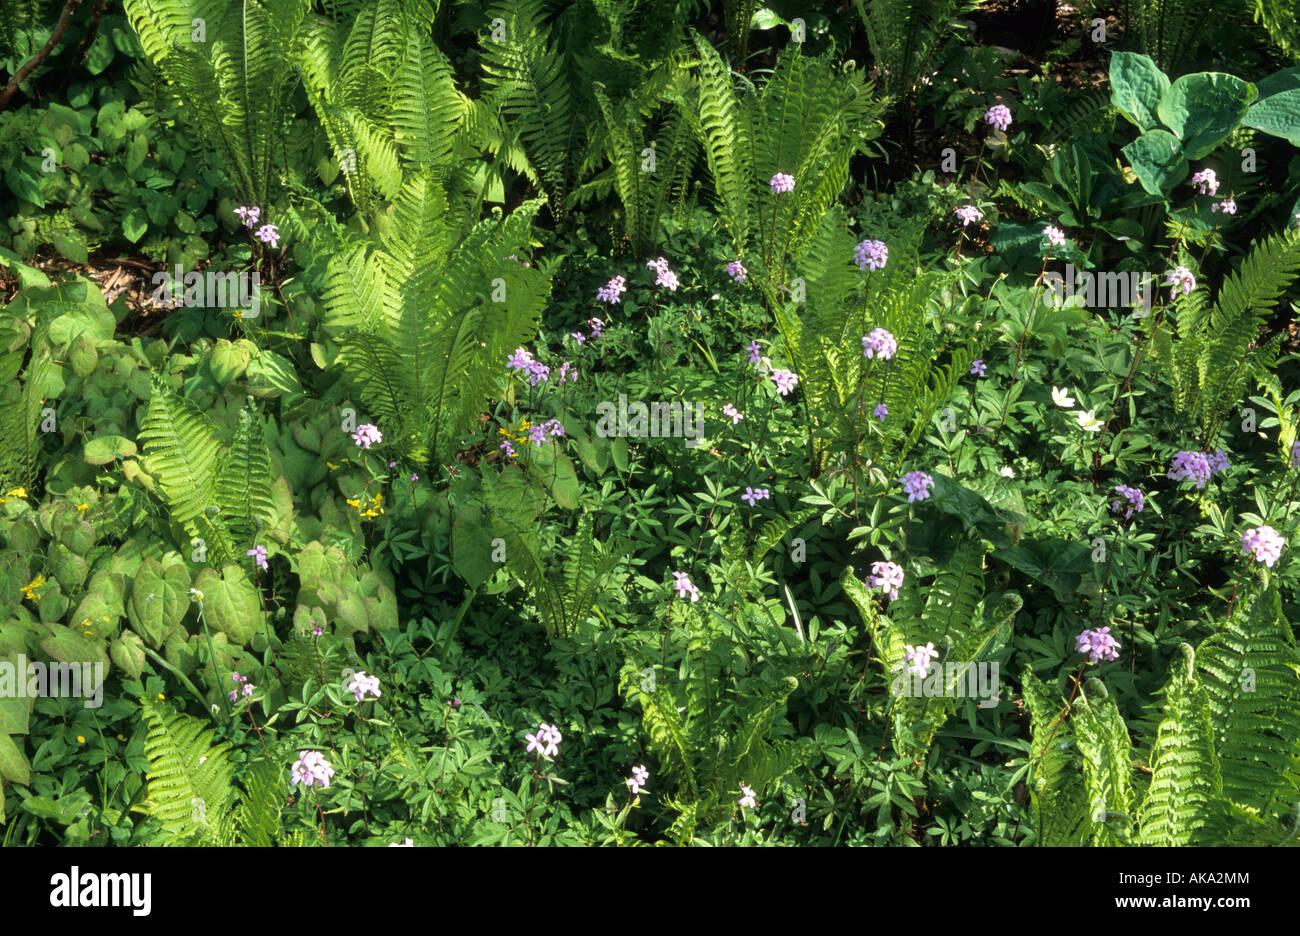 Piante Da Giardino Ombroso ombroso bosco piante da giardino matteuccia felce penna